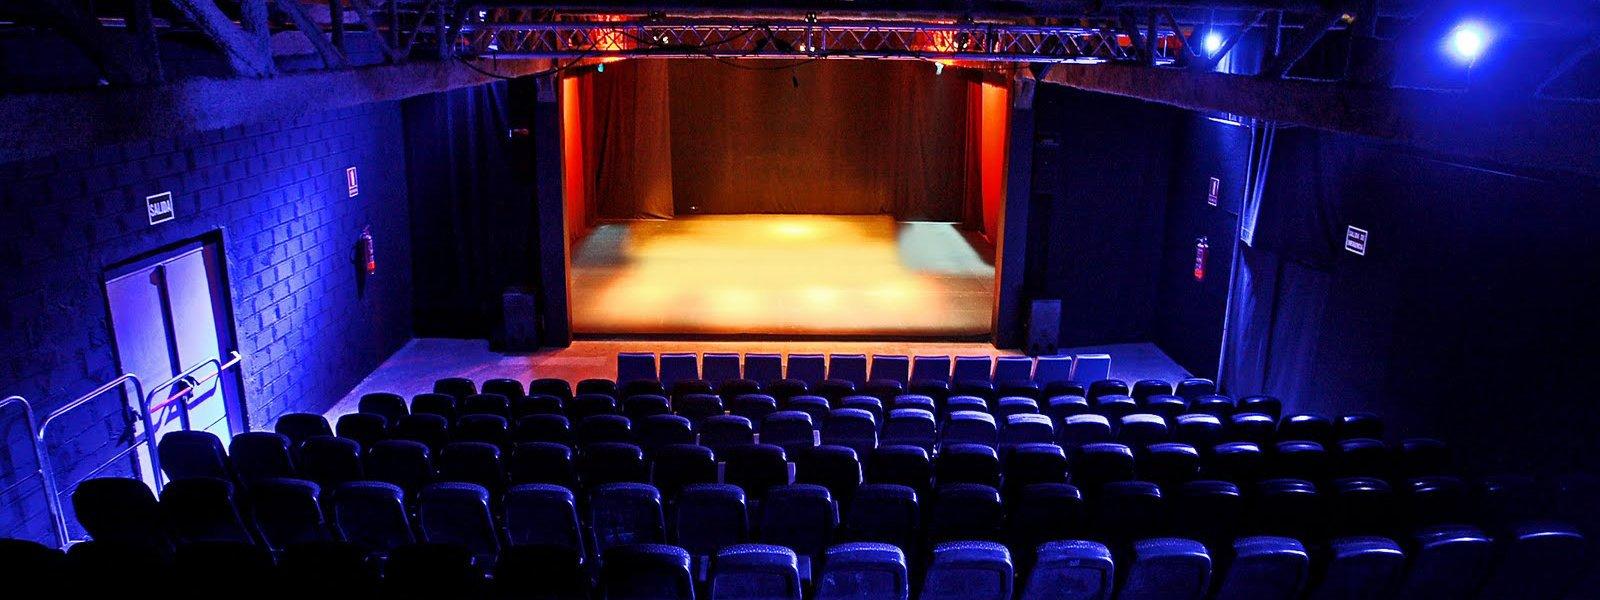 Sala Russafa, localització per a la representació d'espectacles